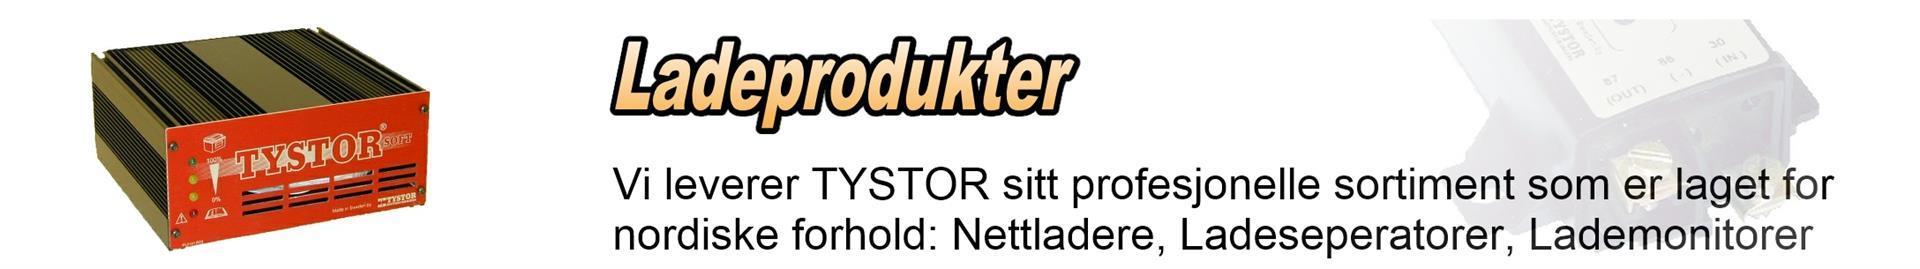 Ladeprodukter fra TYSTOR